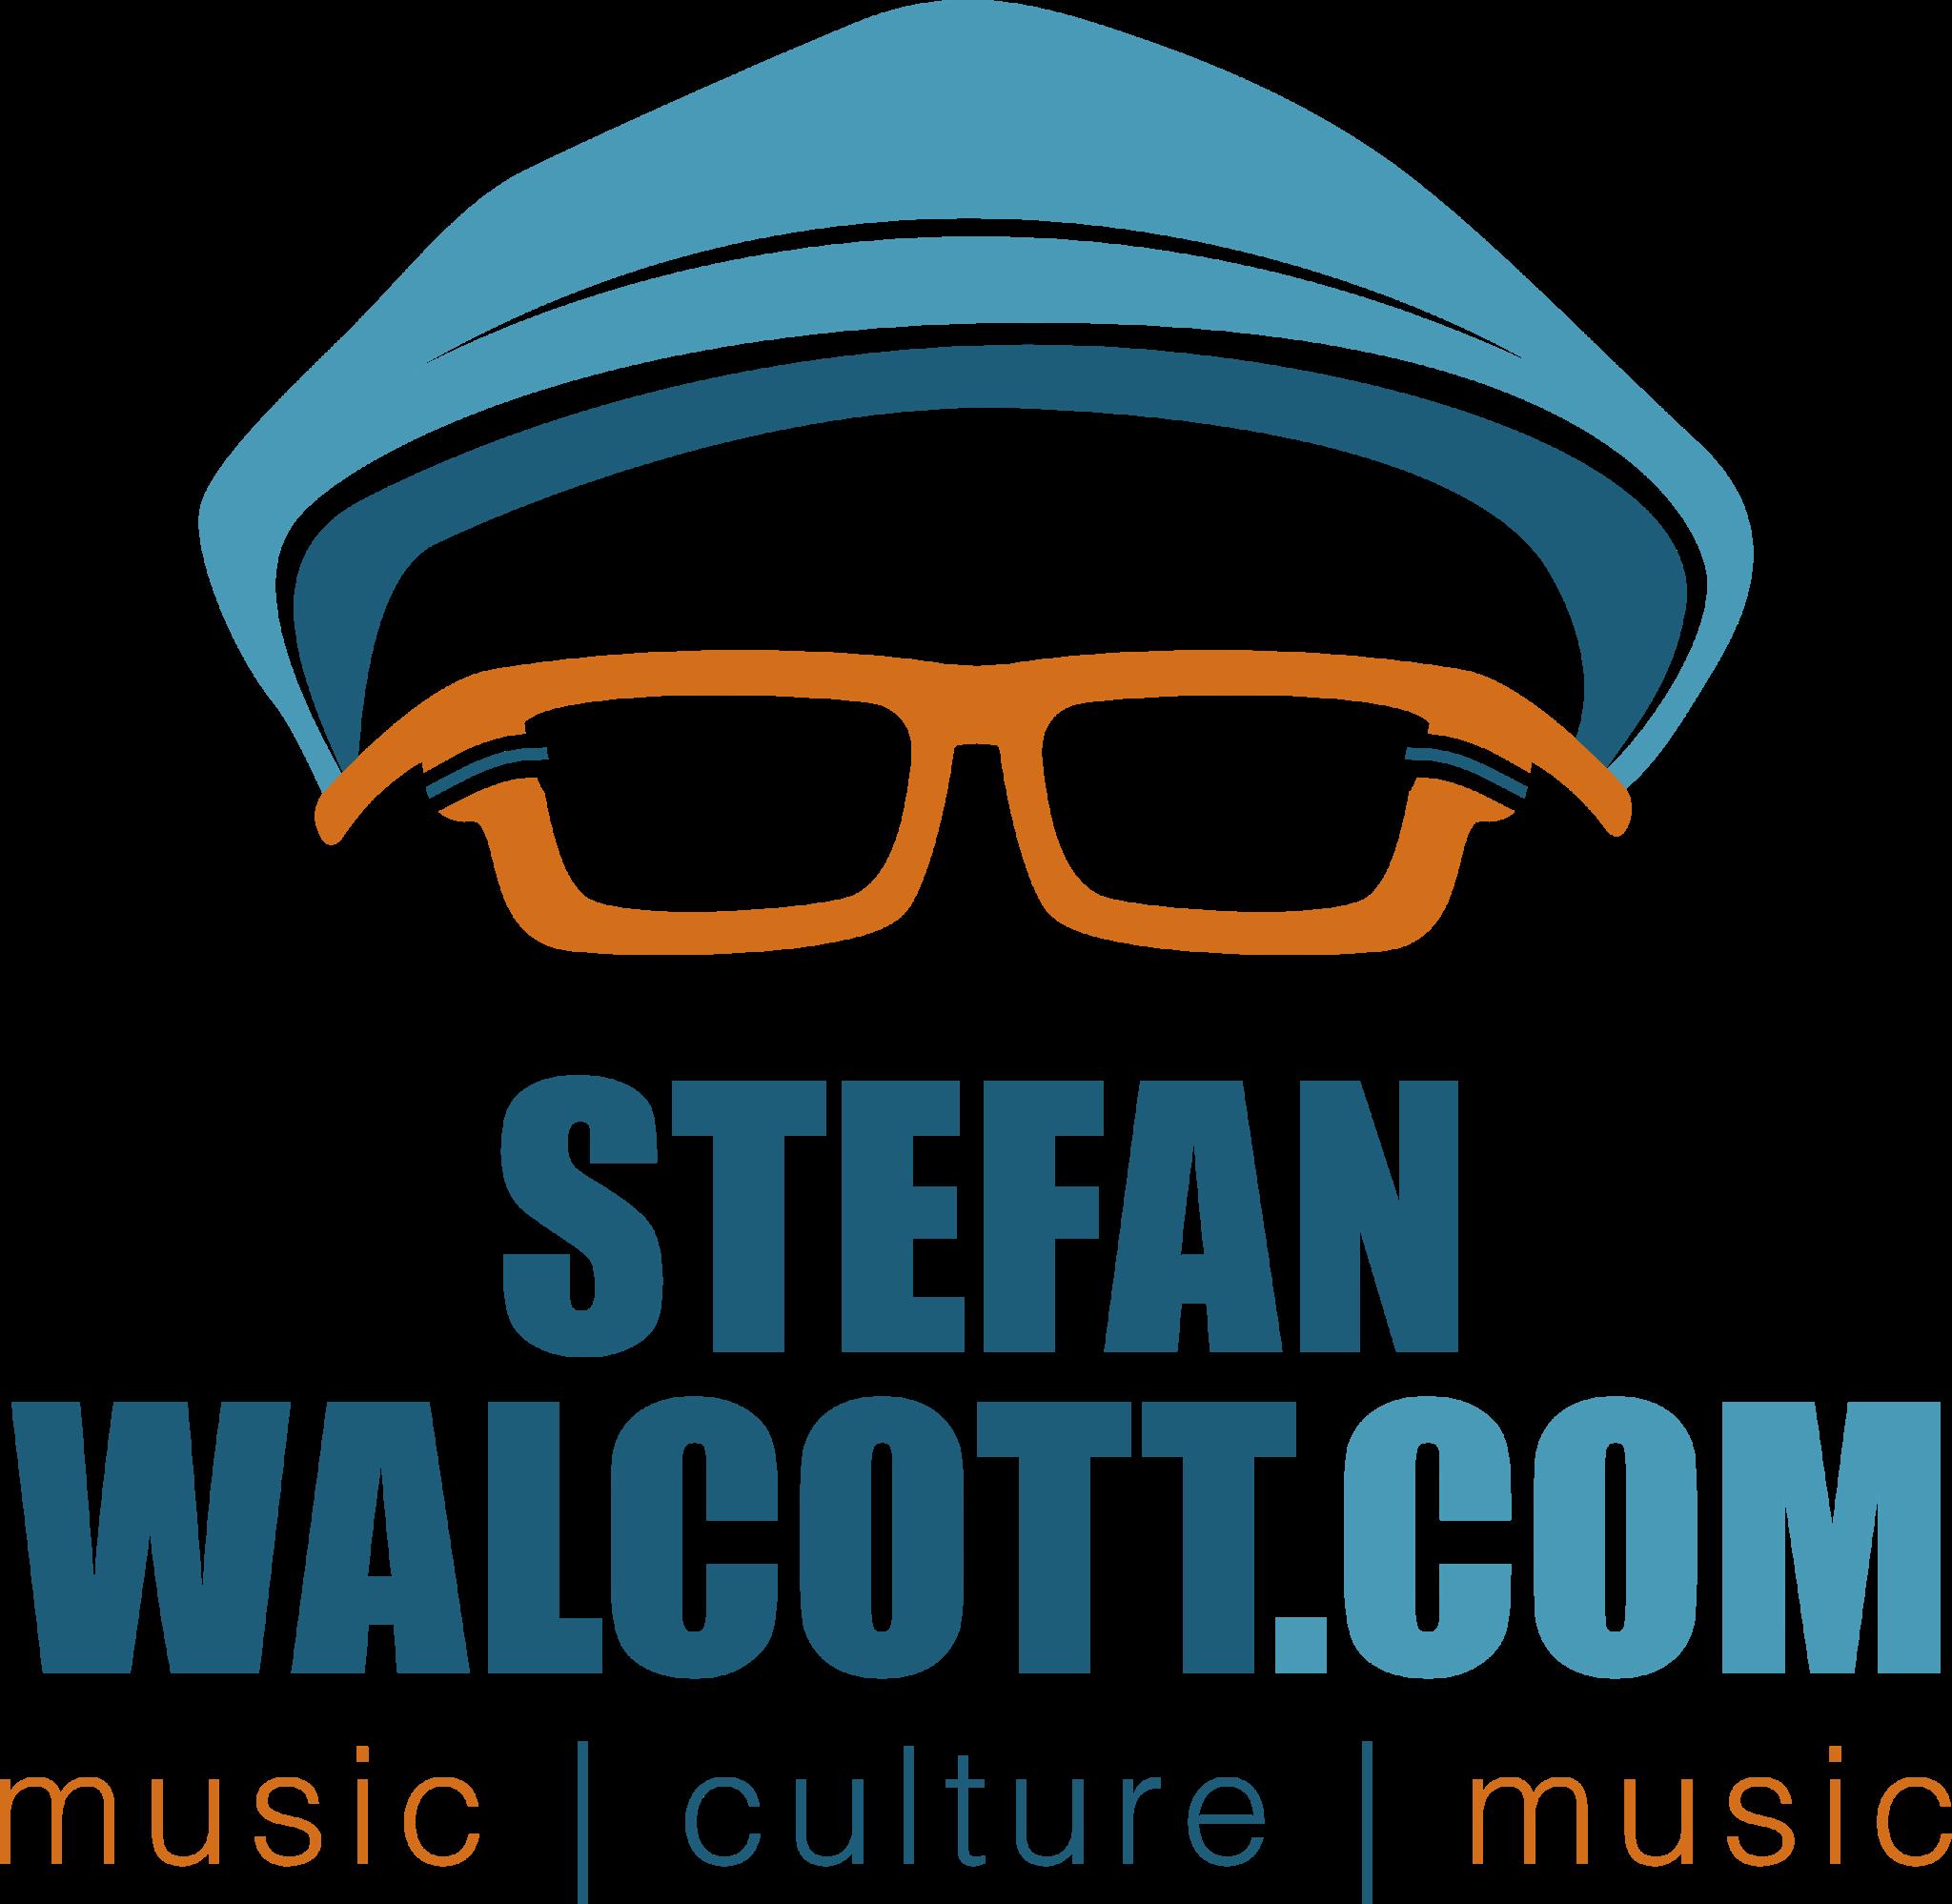 stefanwalcott.com